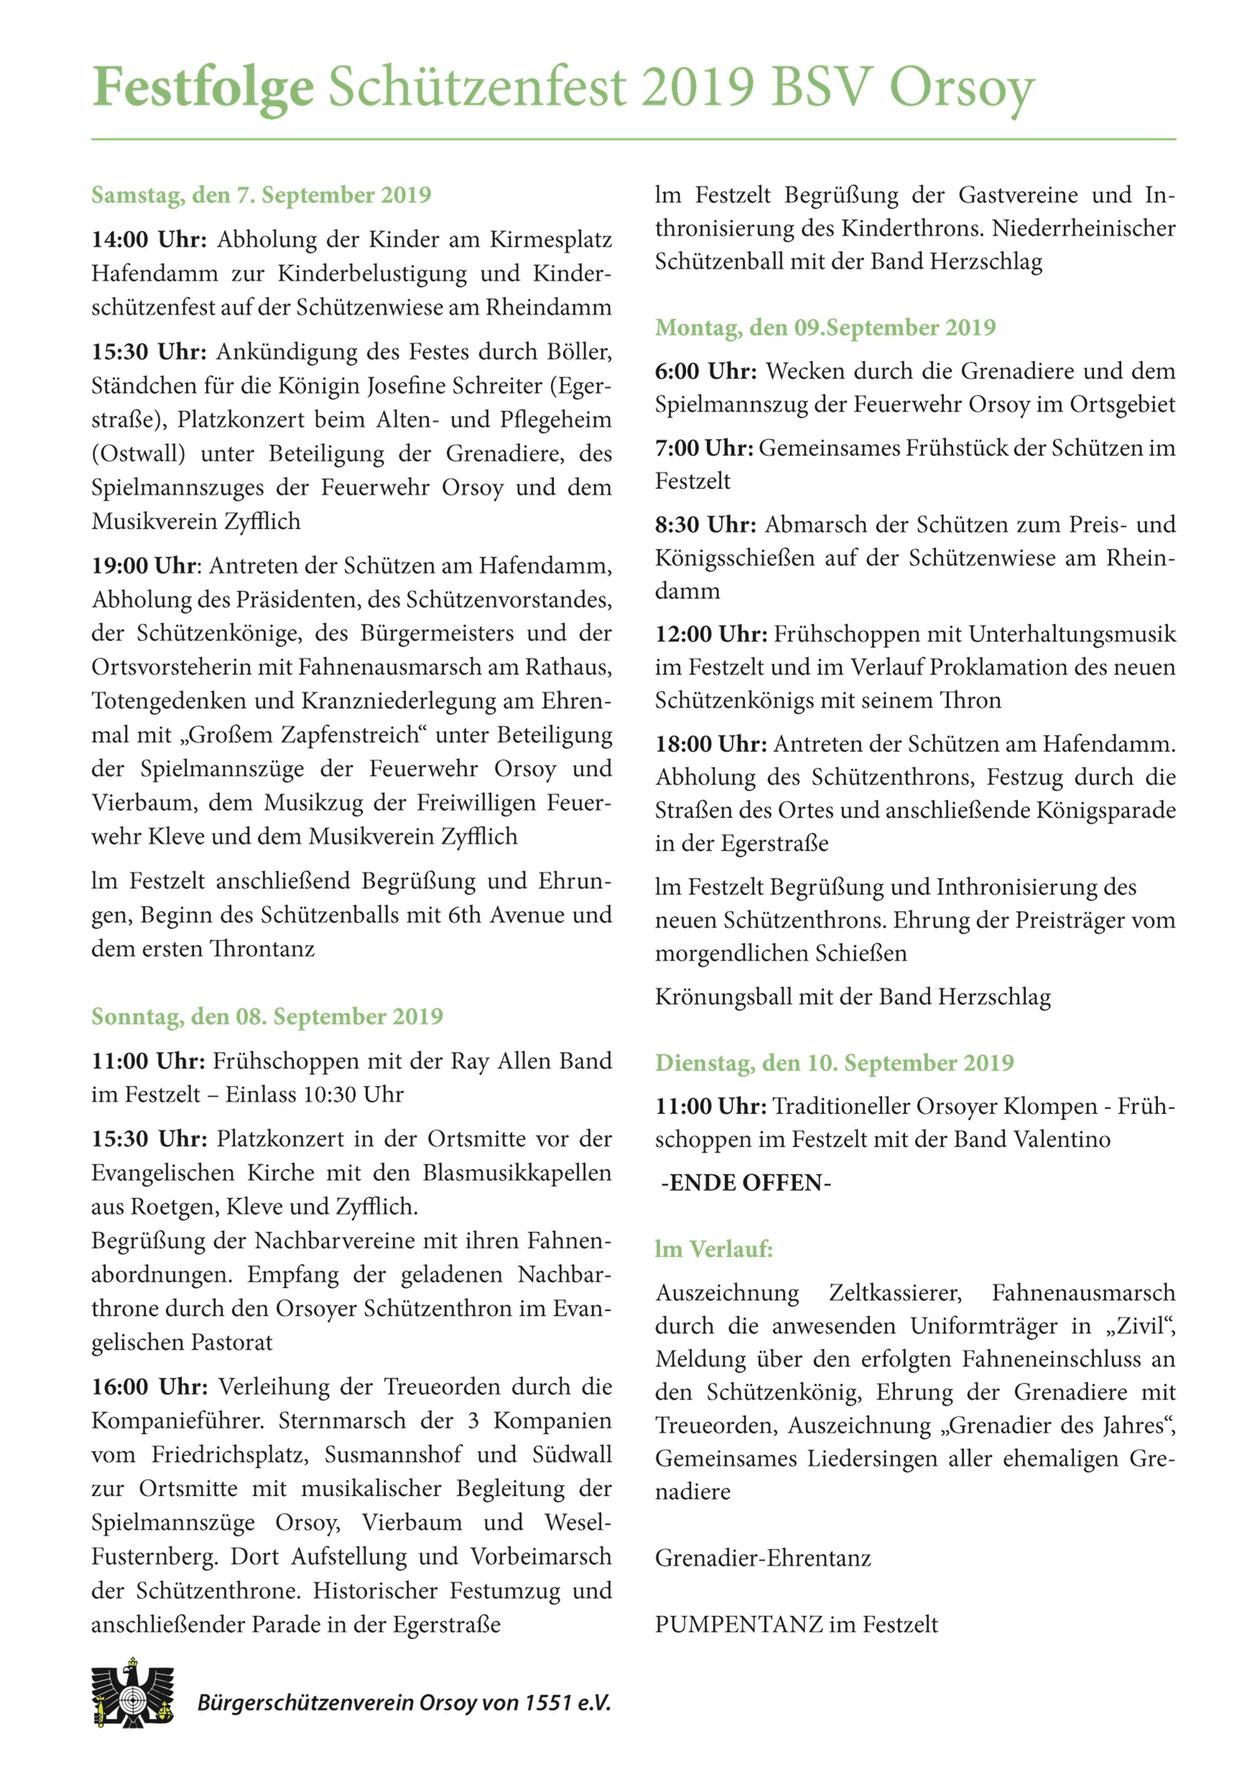 Samstag, 07.09.2019, Sonntag, 08.09.2019, Montag, 09.09.2019, Dienstag, 10.09.2019, Pumpentanz, Grenadier-Ehrentanz, Kinderschützenfest, Kinderbelustigung, Kranzniederlegung am Ehrenmal, Schützenball, Sternmarsch, Königsschießen, Königsparade, Klompen